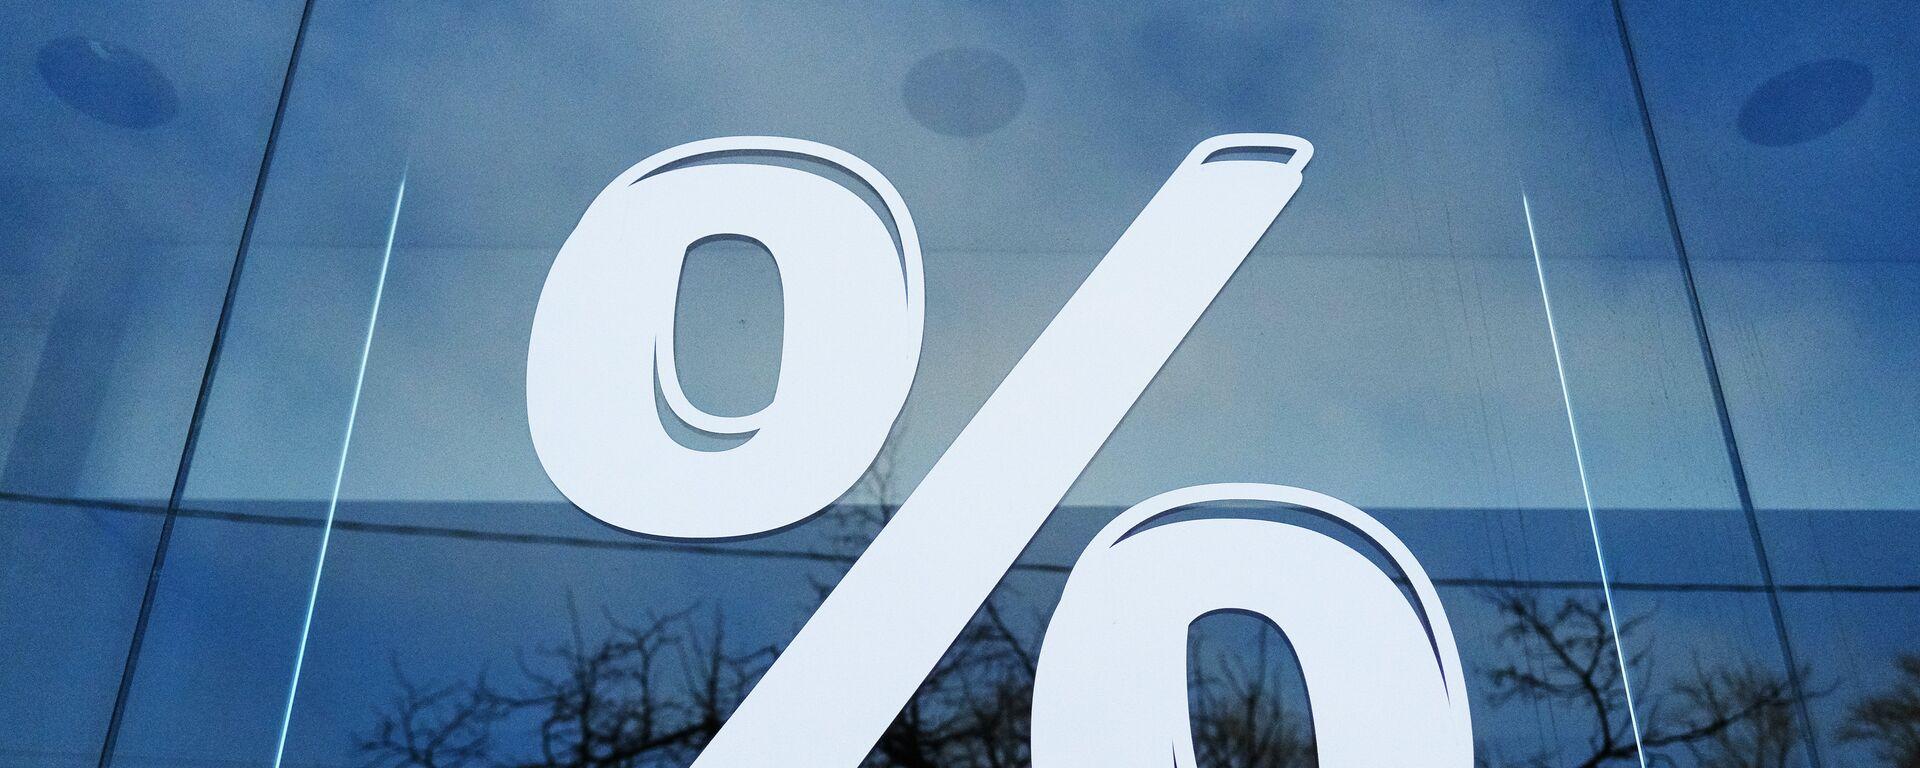 Znak pro procento ve výloze - Sputnik Česká republika, 1920, 05.06.2021